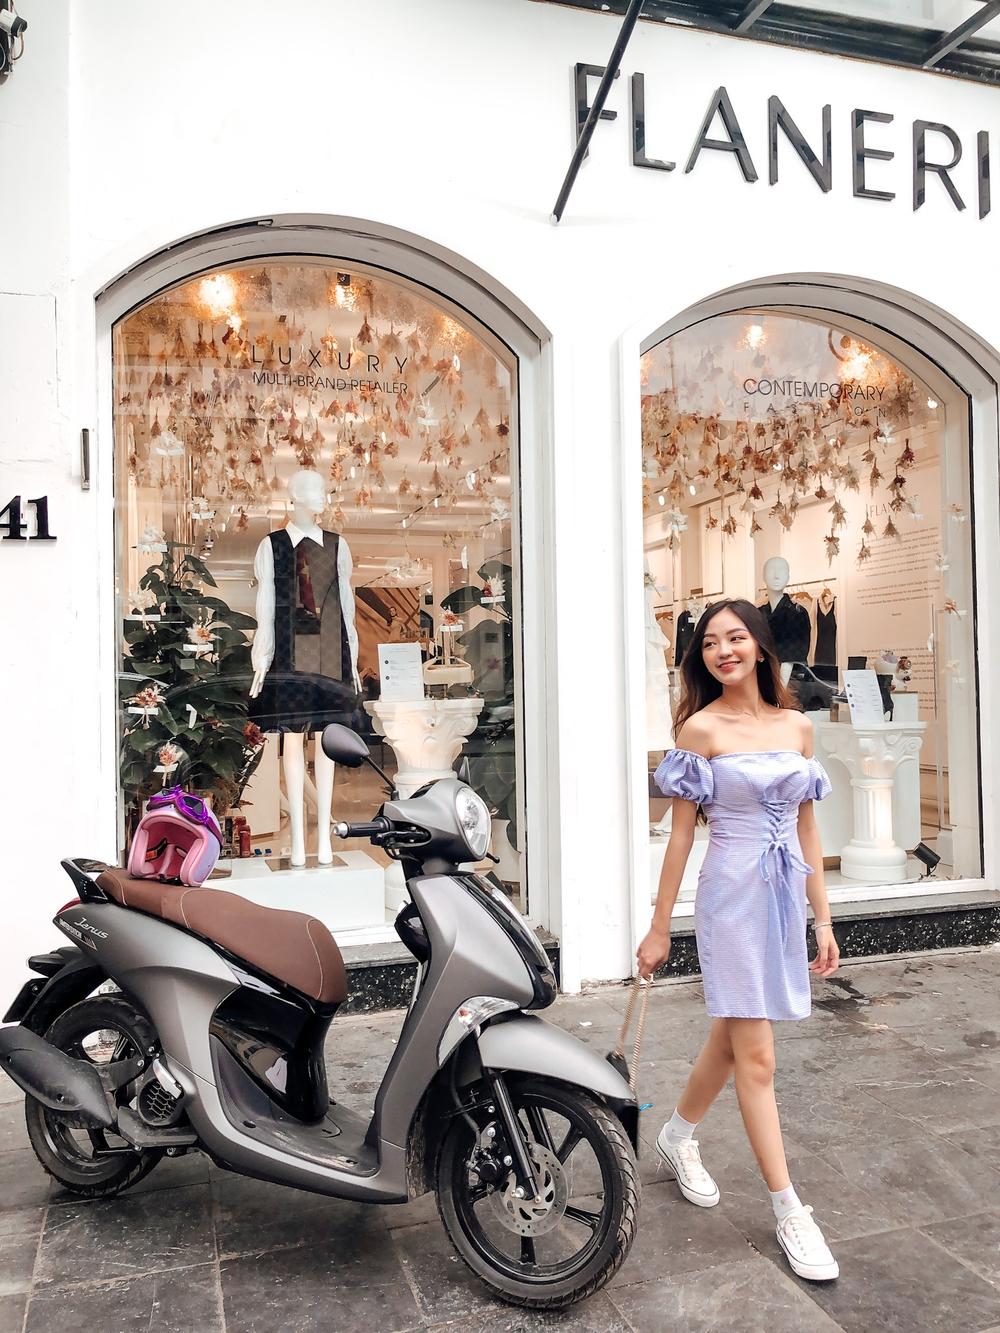 Xe tay ga tiết kiệm xăng bậc nhất Việt Nam: Chạy 100km uống 1,87 lít - Ảnh 1.